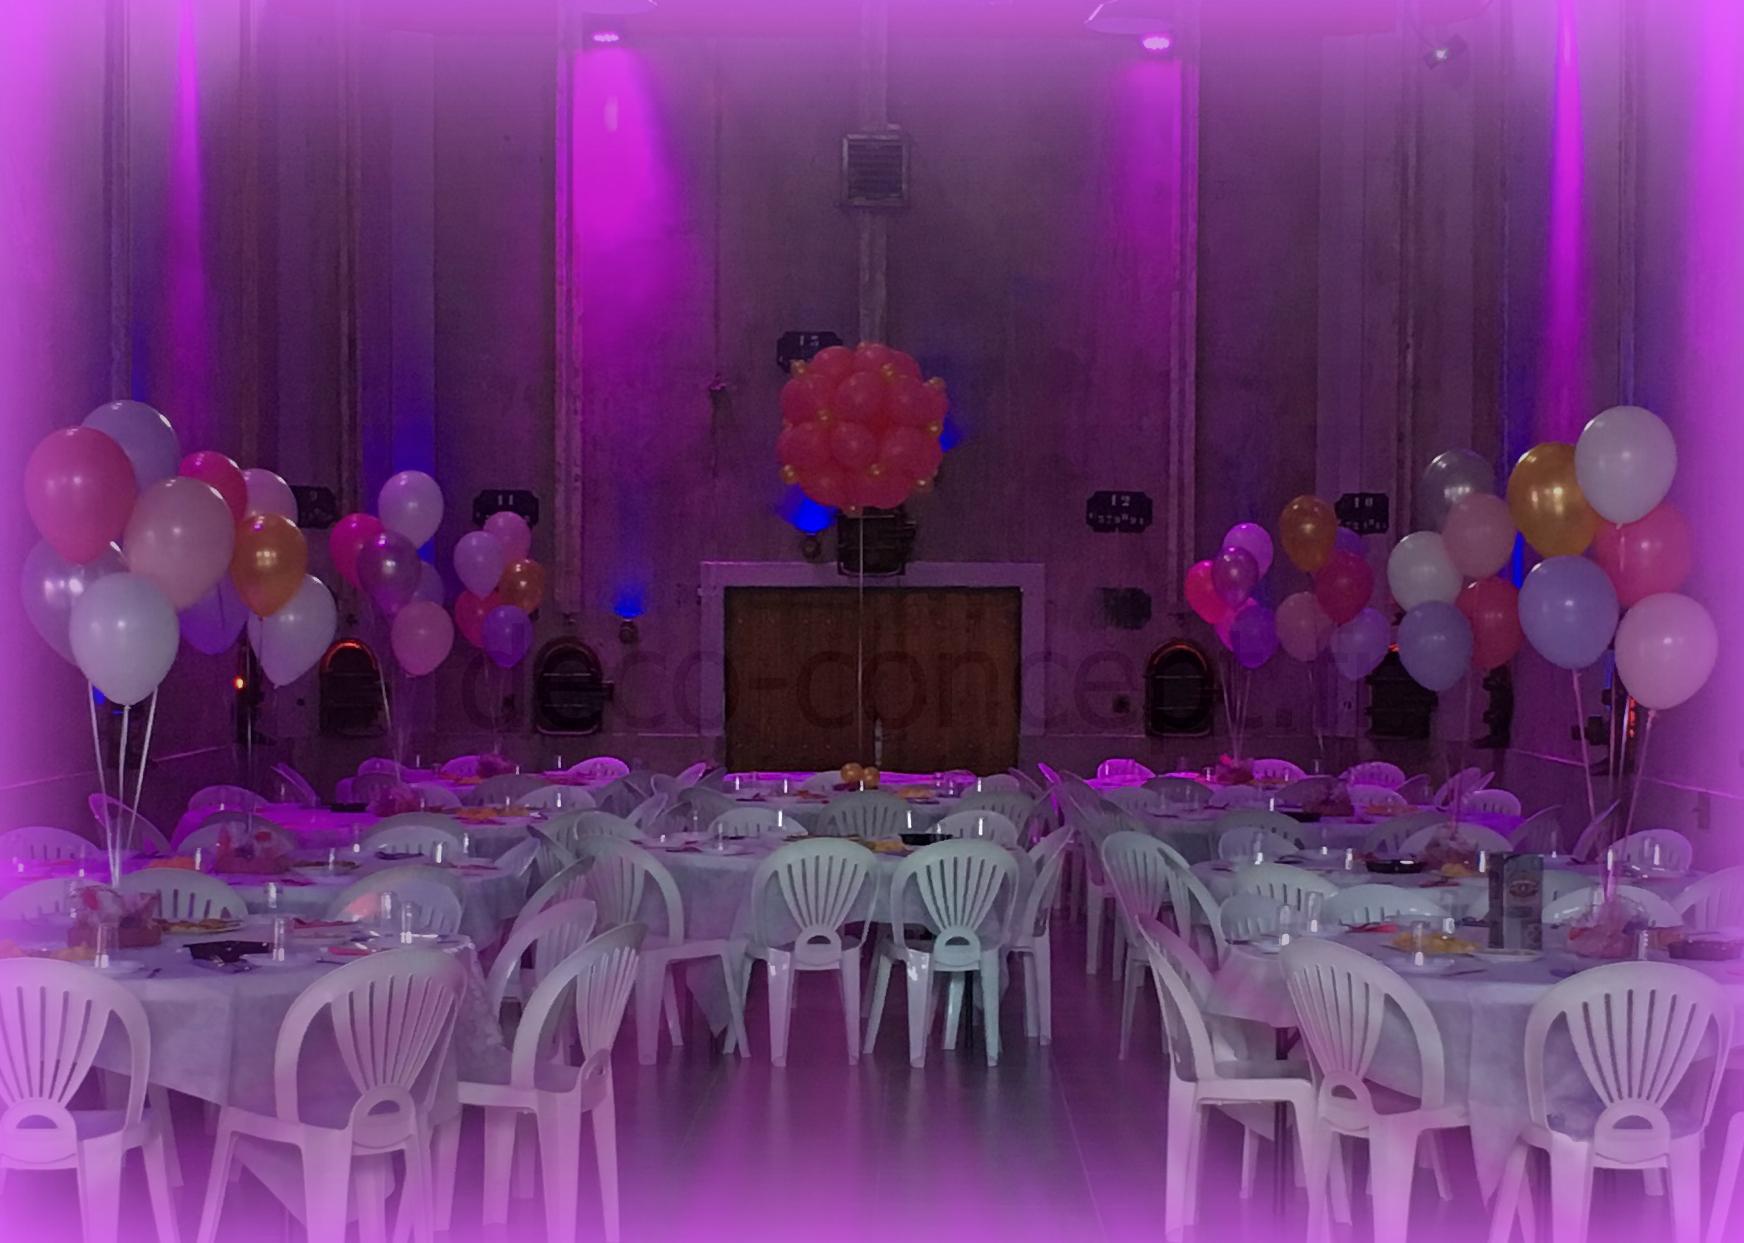 Décoration avec ballons helium sur table